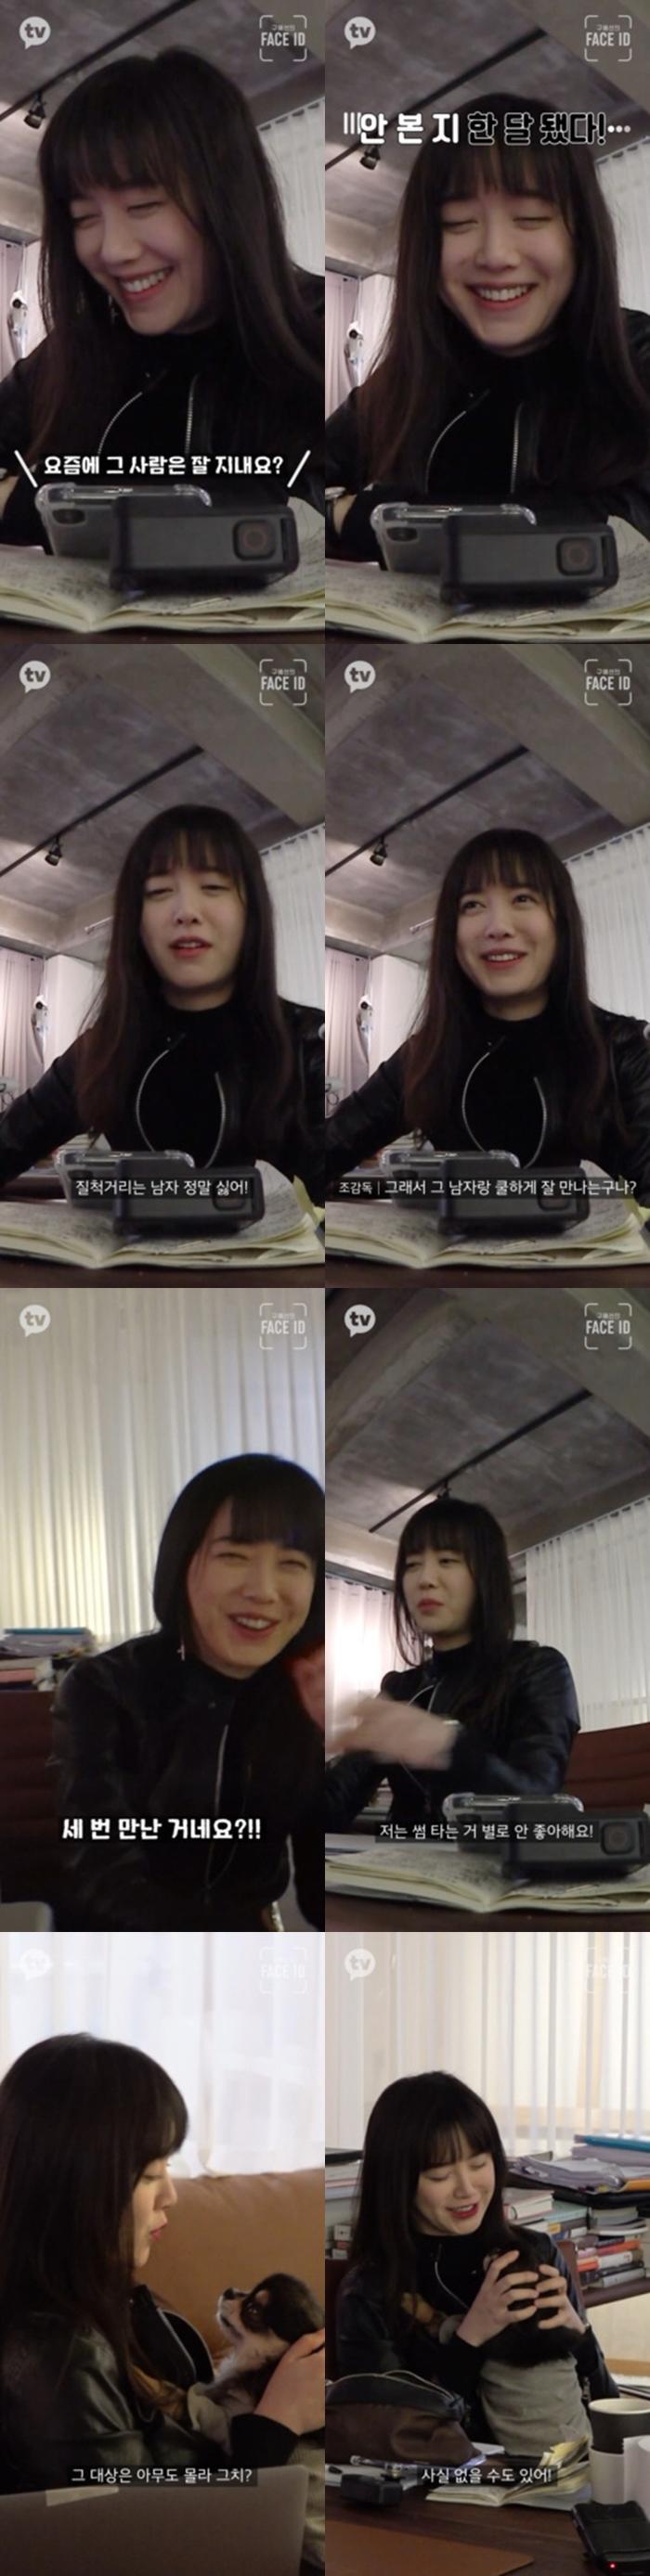 Chấn động: Goo Hye Sun tiết lộ bạn trai mới, lên kế hoạch tái hôn sau khi ly hôn Ahn Jae Hyun Ảnh 5